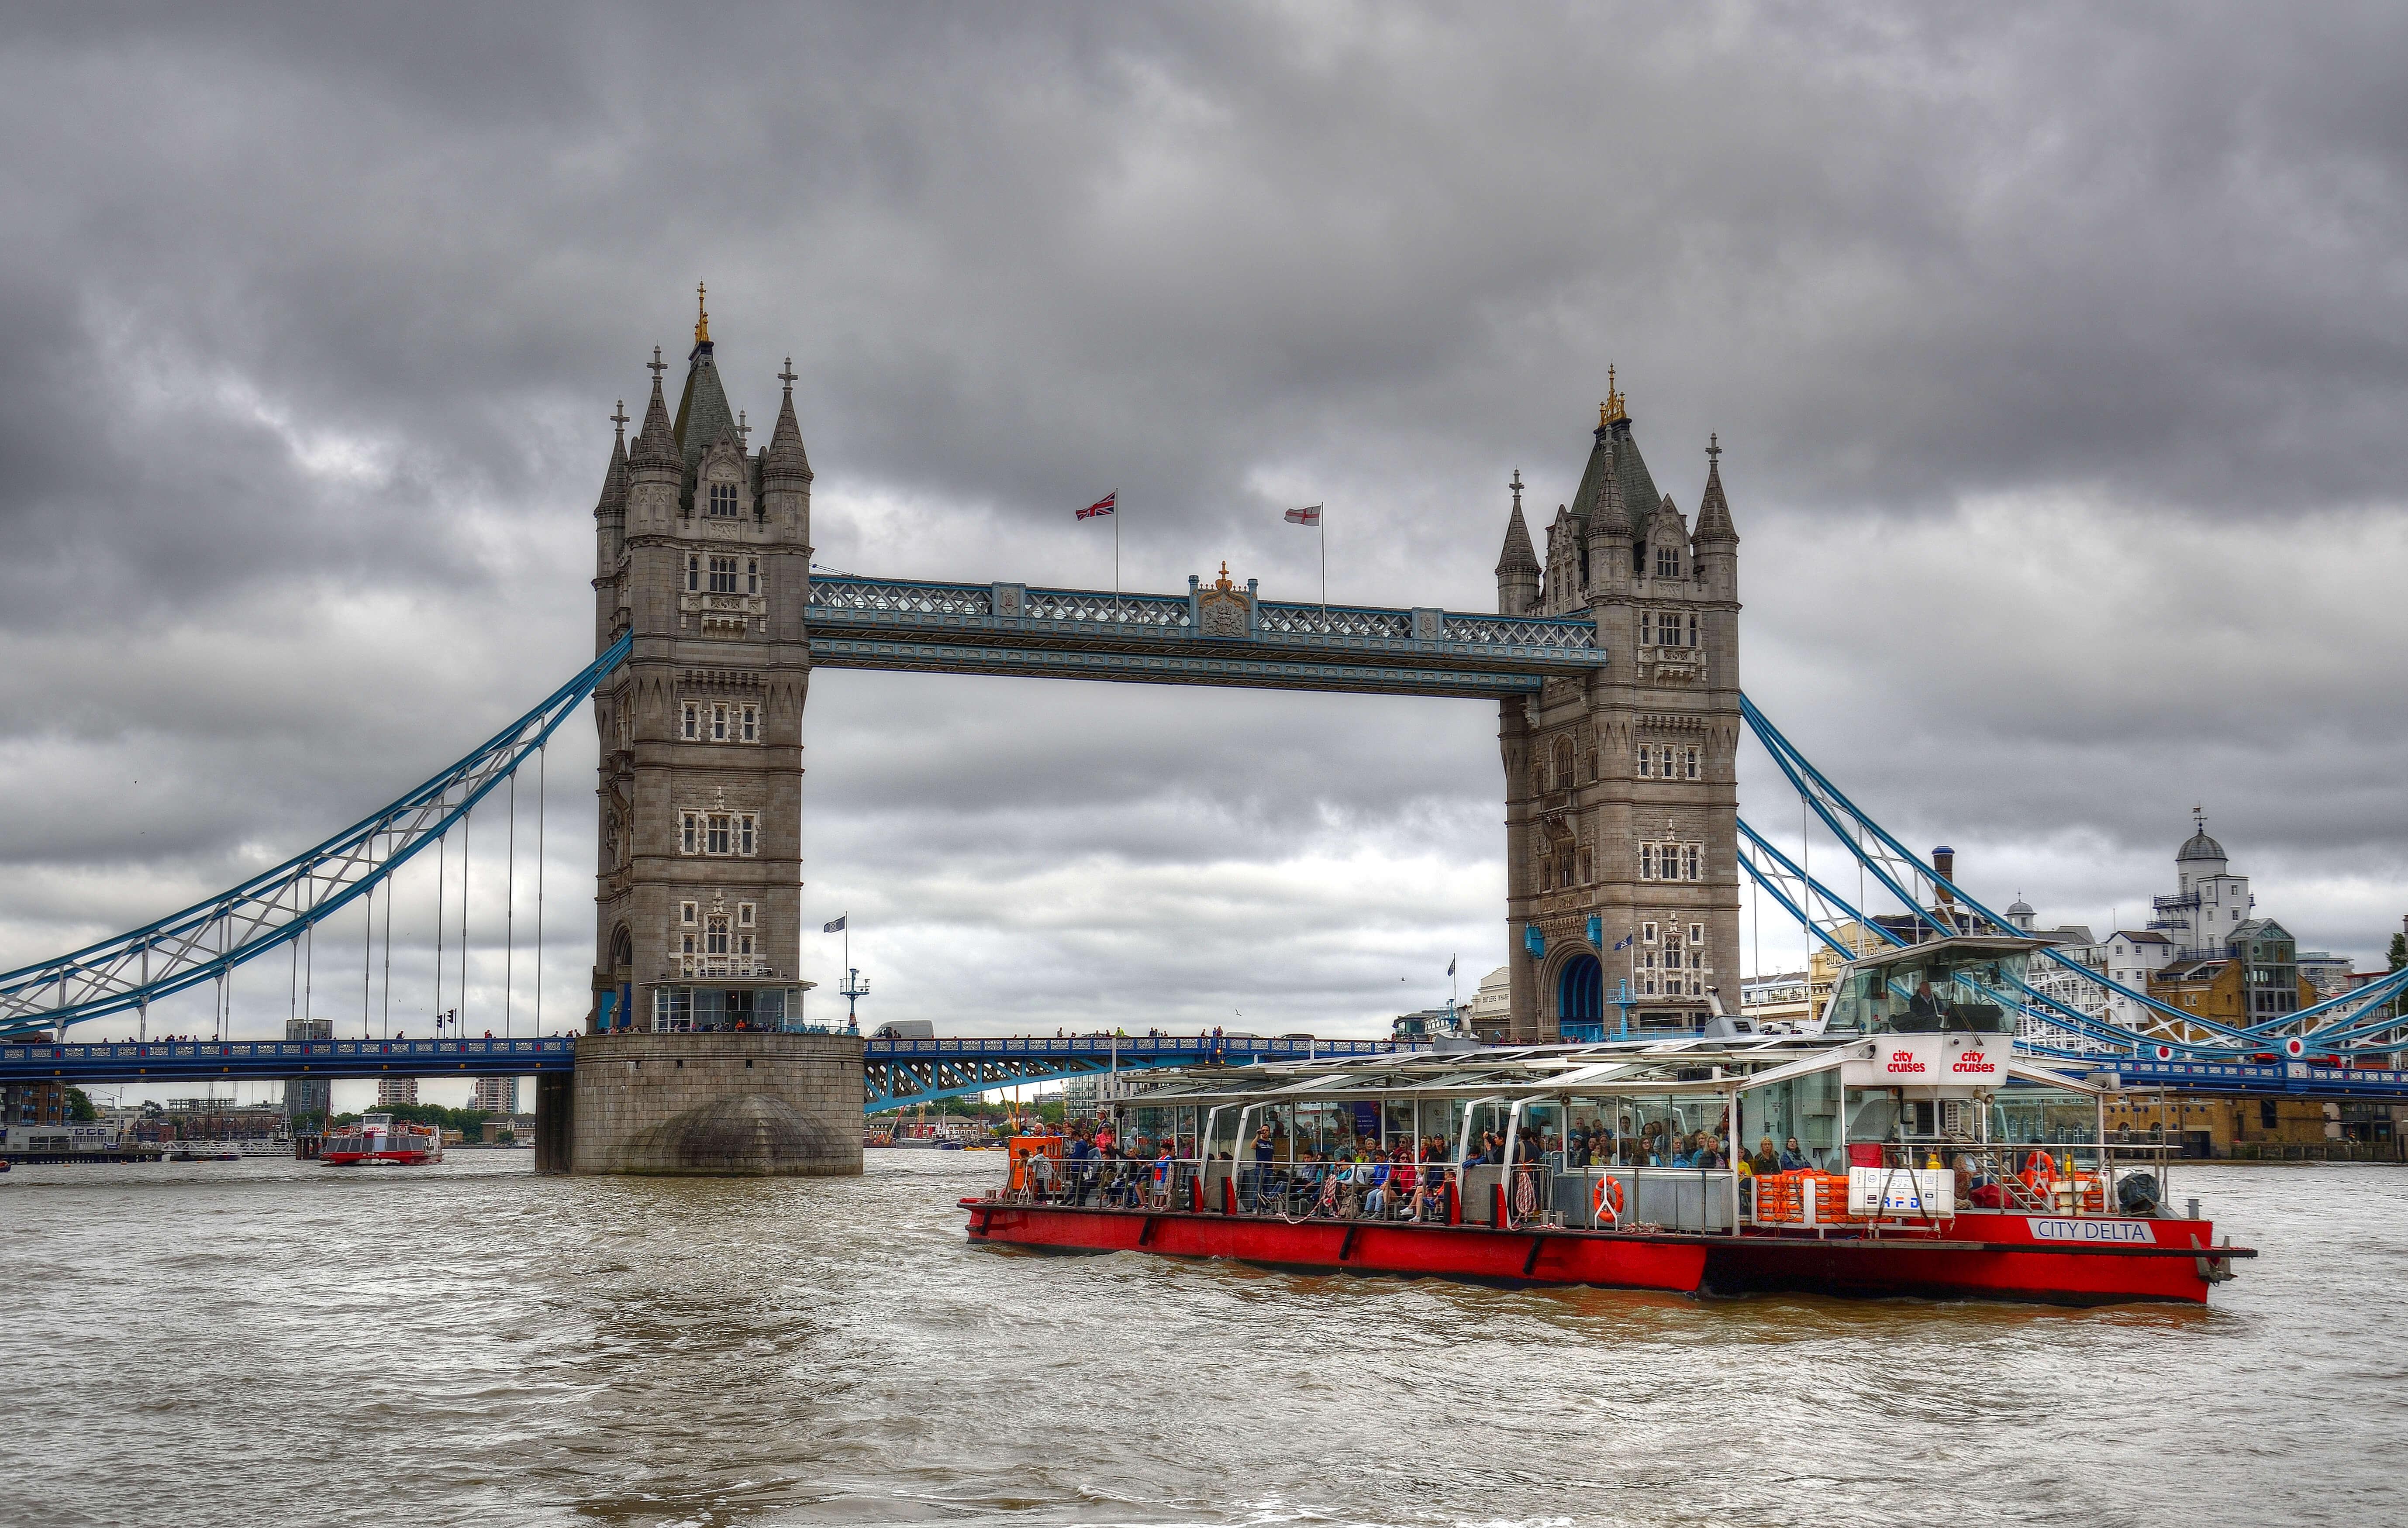 La croisière sur la Tamise est une des attractions les plus prisées par les jeunes touristes, venant à Londres en famille.